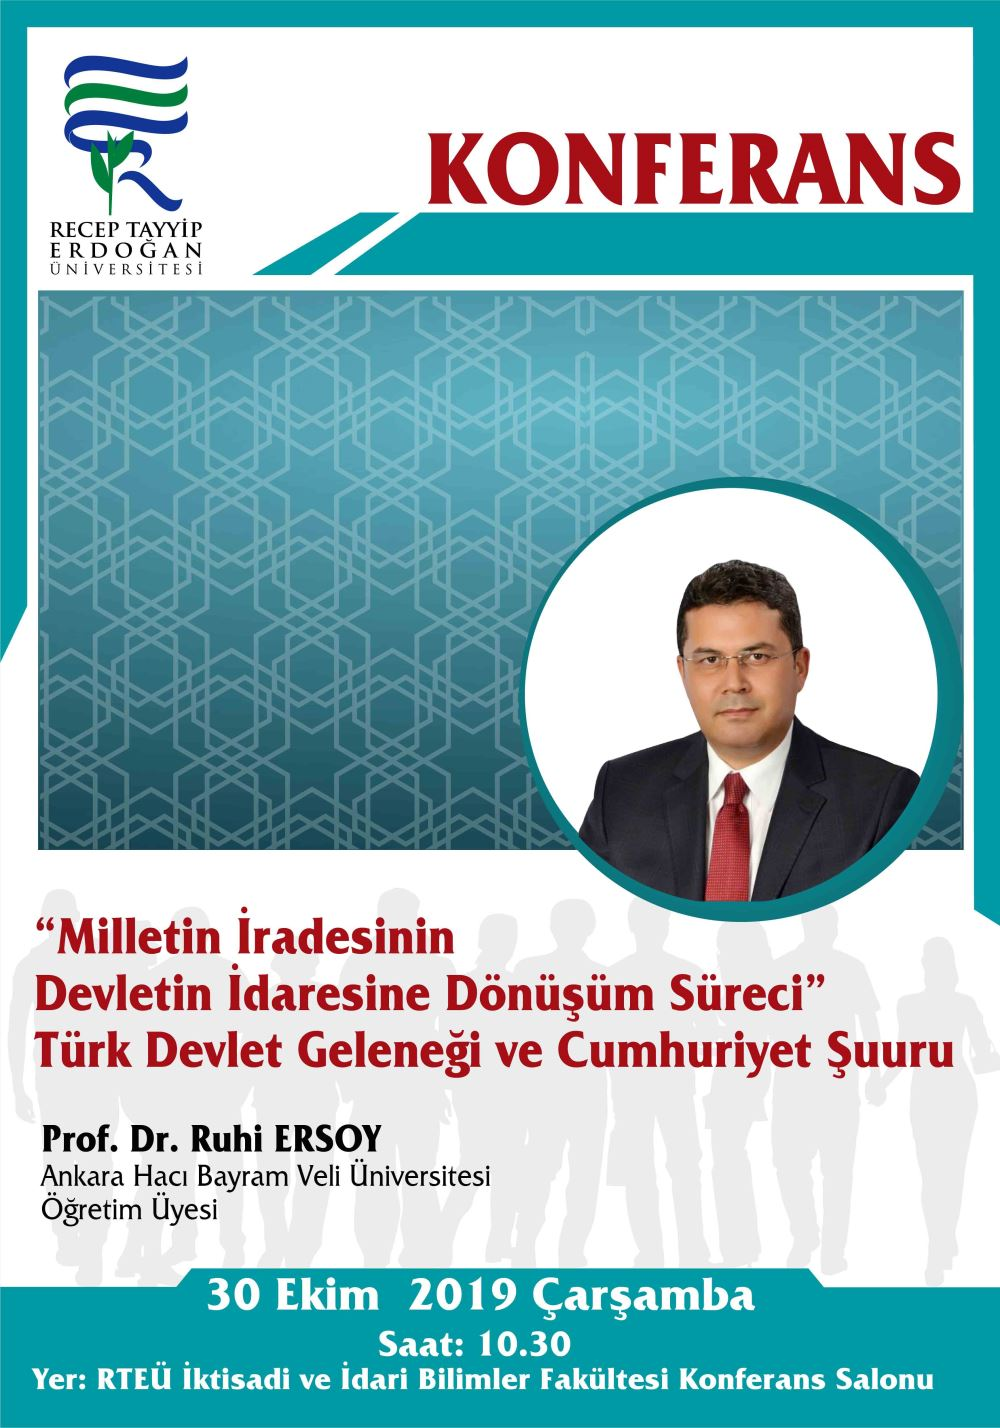 Milletin iradesinin Devletin iradesine dönüşüm süreci Türk Devlet Geleneği ve Cumhuriyet şuuru